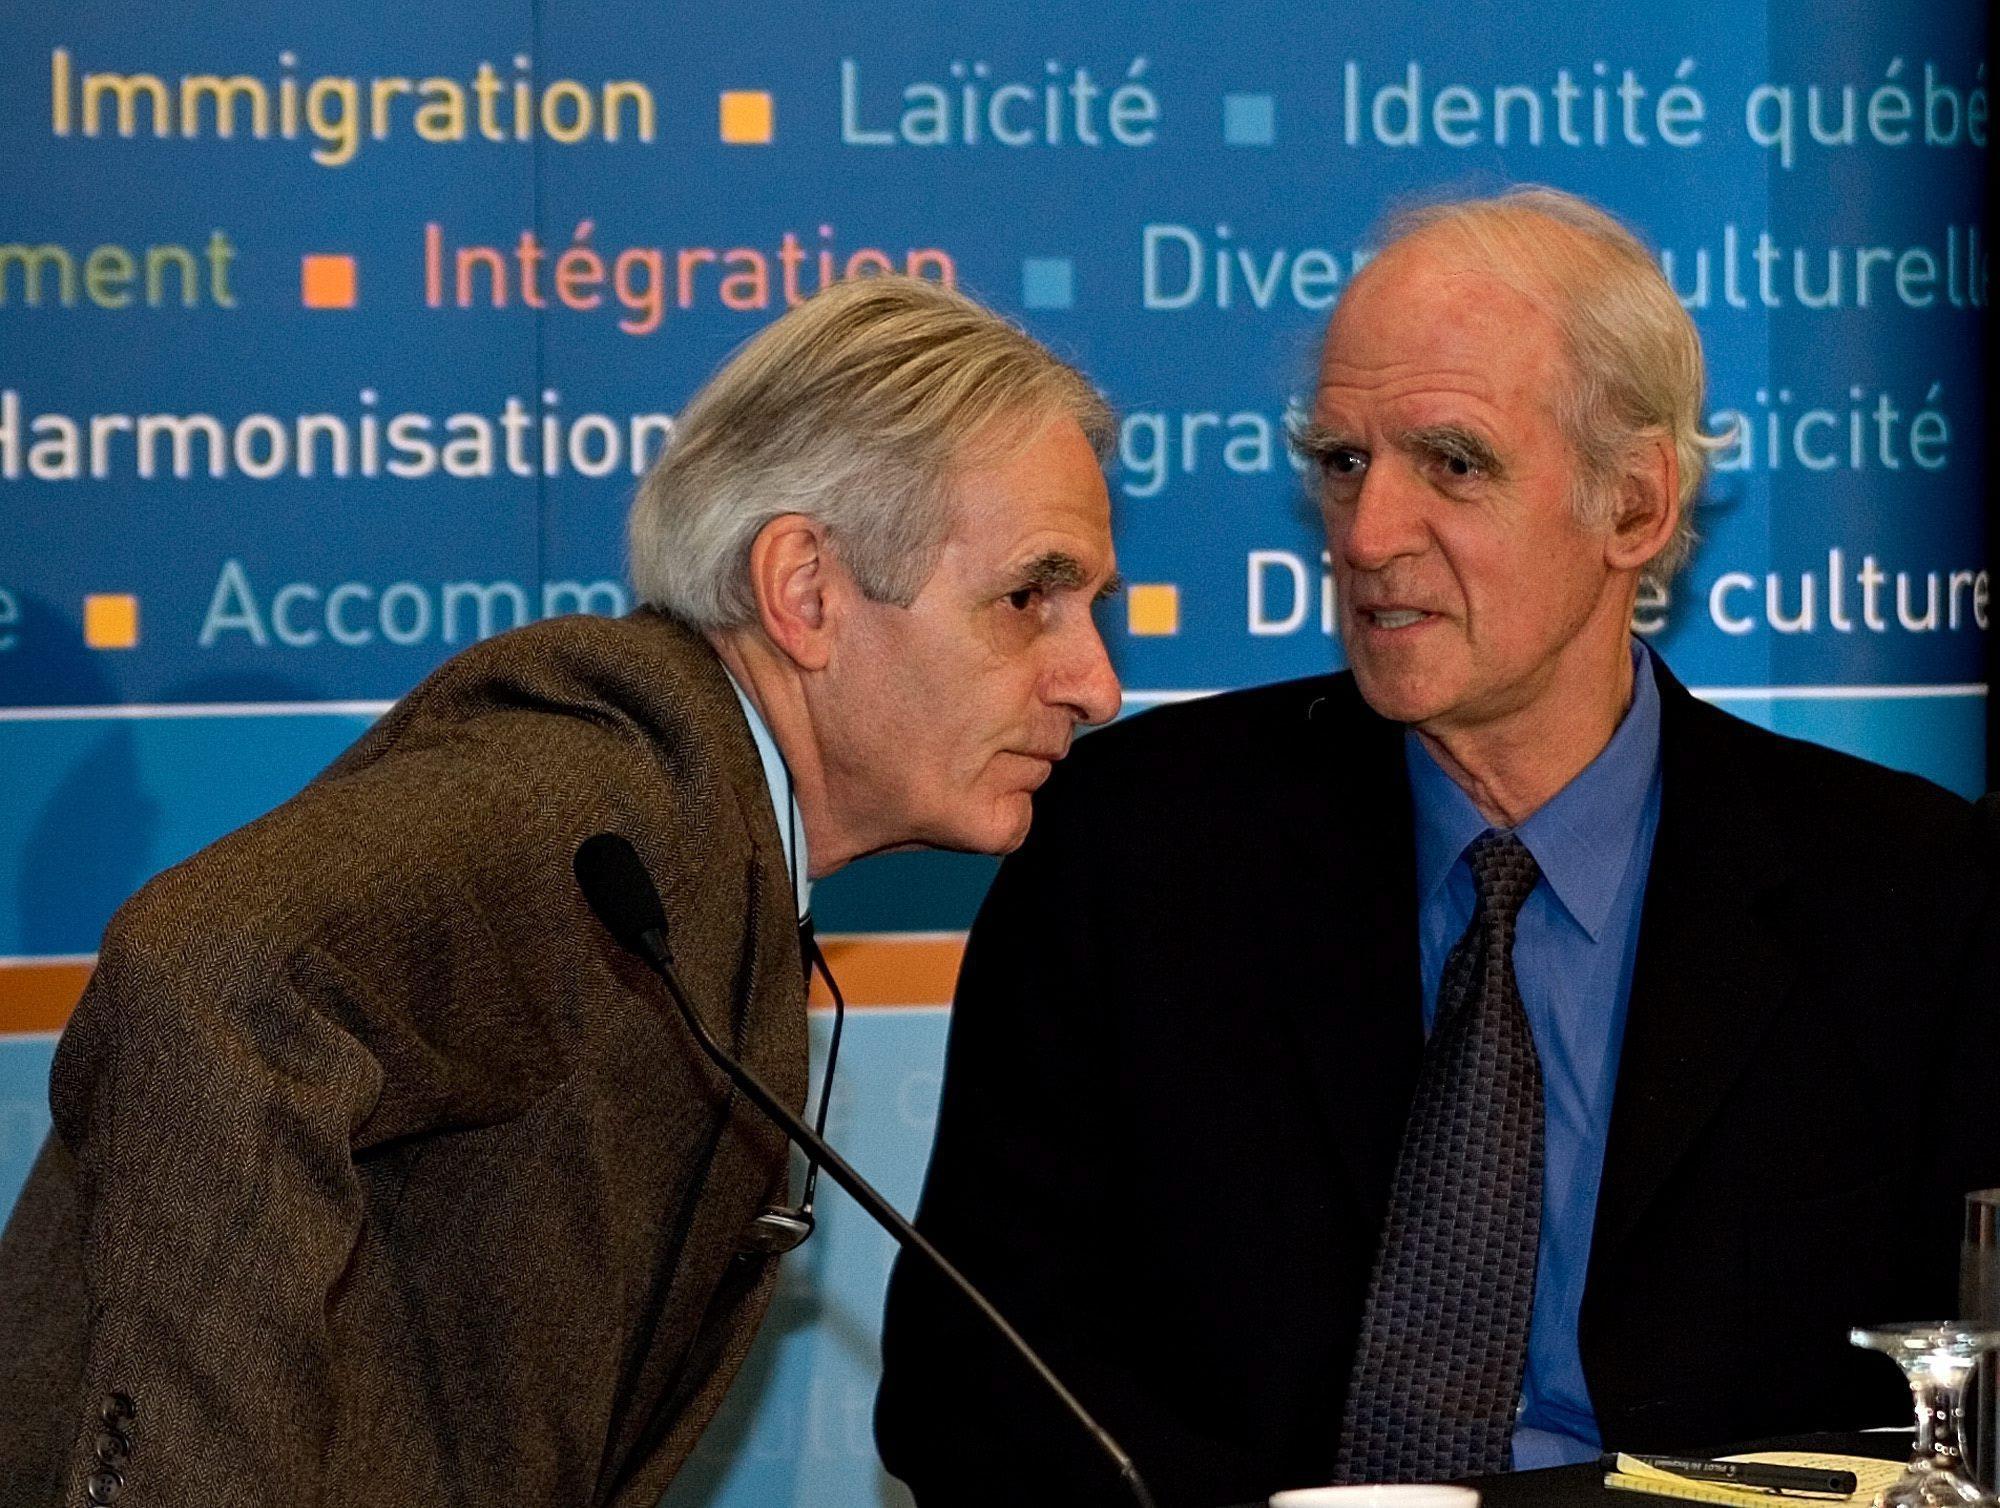 شارل تايلور (على اليمين) وجيرار بوشا، رئيسا لجنة التشاور حول التسويات المعقولة الممنوحة للأقليات الثقافية والدينية والمعروفة بلجنة بوشار-تايلور - CANADIAN PRESS/Jacques Boissinot